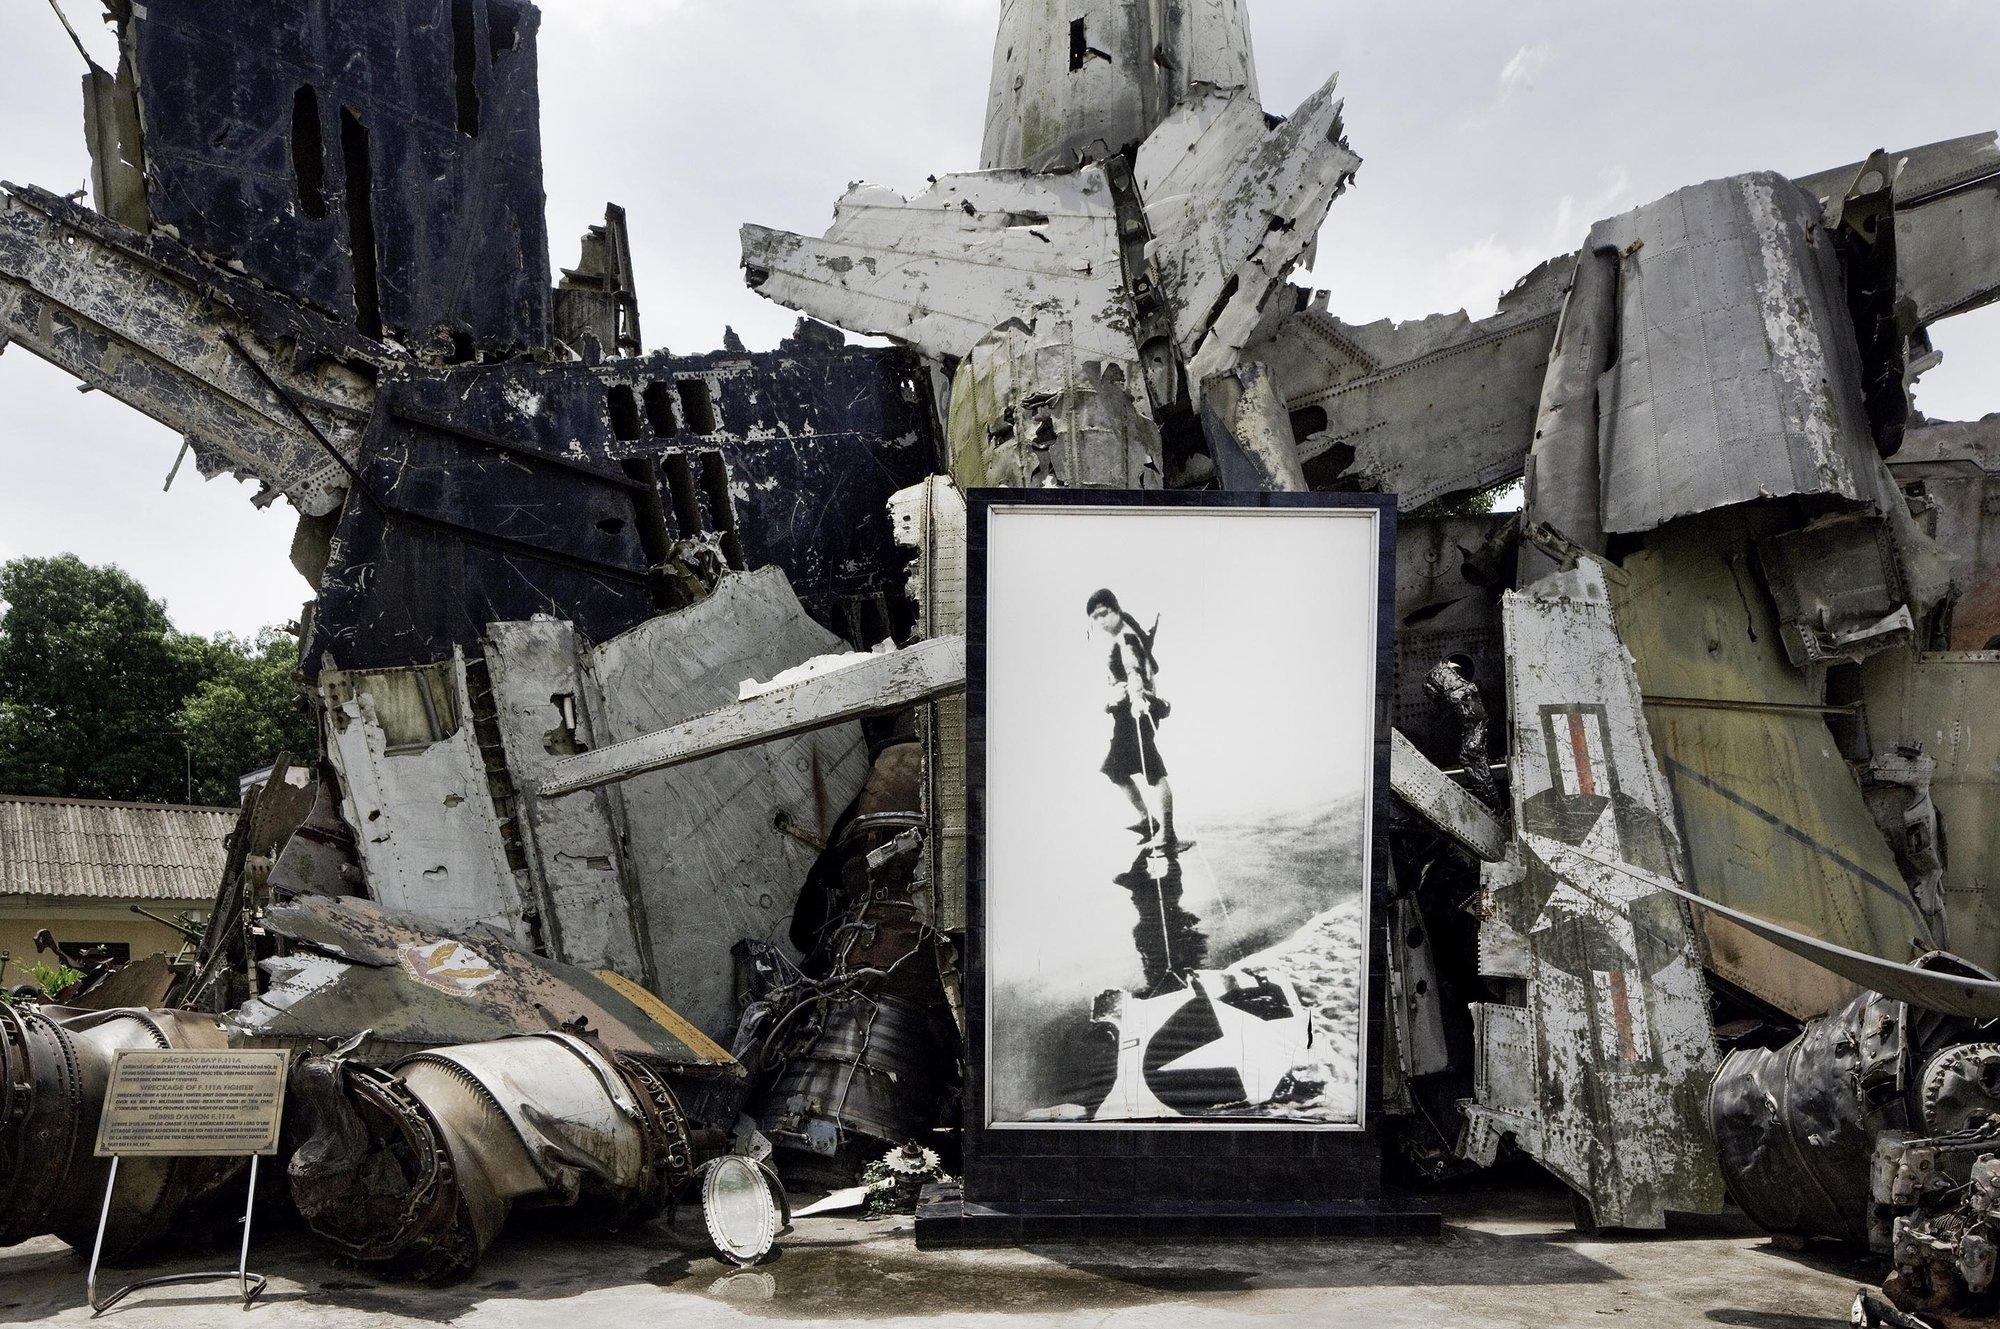 位于河内的越南军事博物馆,展出的被毁法国和美国飞机。摄影/Sam Sweezy